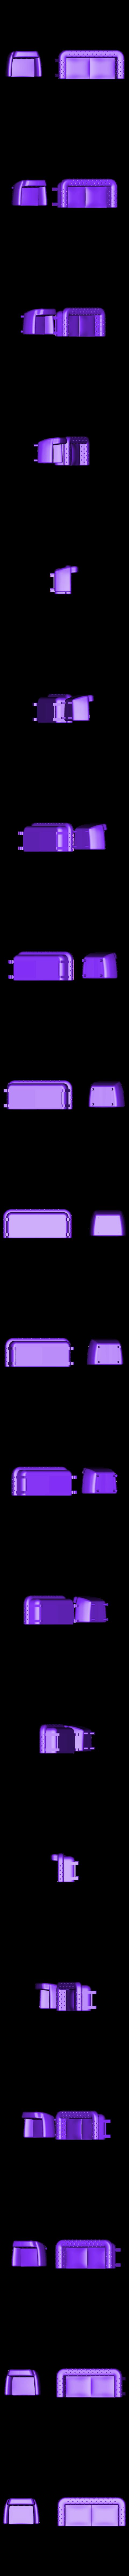 4dc12fb2 737c 4cf1 9ae4 ffddf6b49390